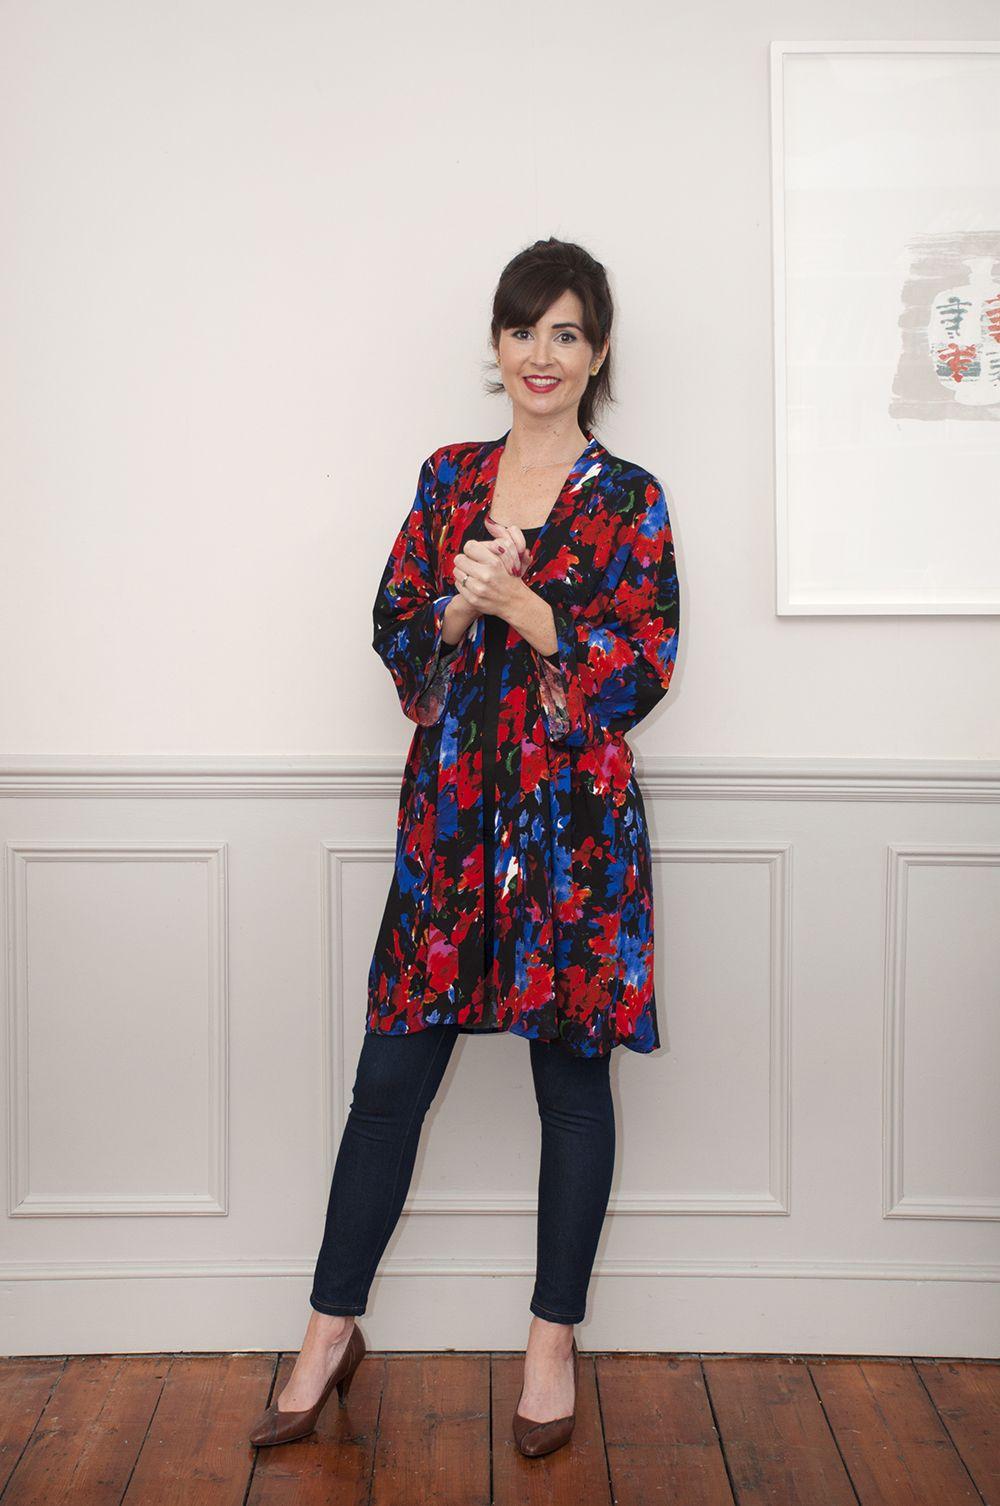 Kimono Jacket Sewing Pattern | Sewing ideas | Sewing patterns ...